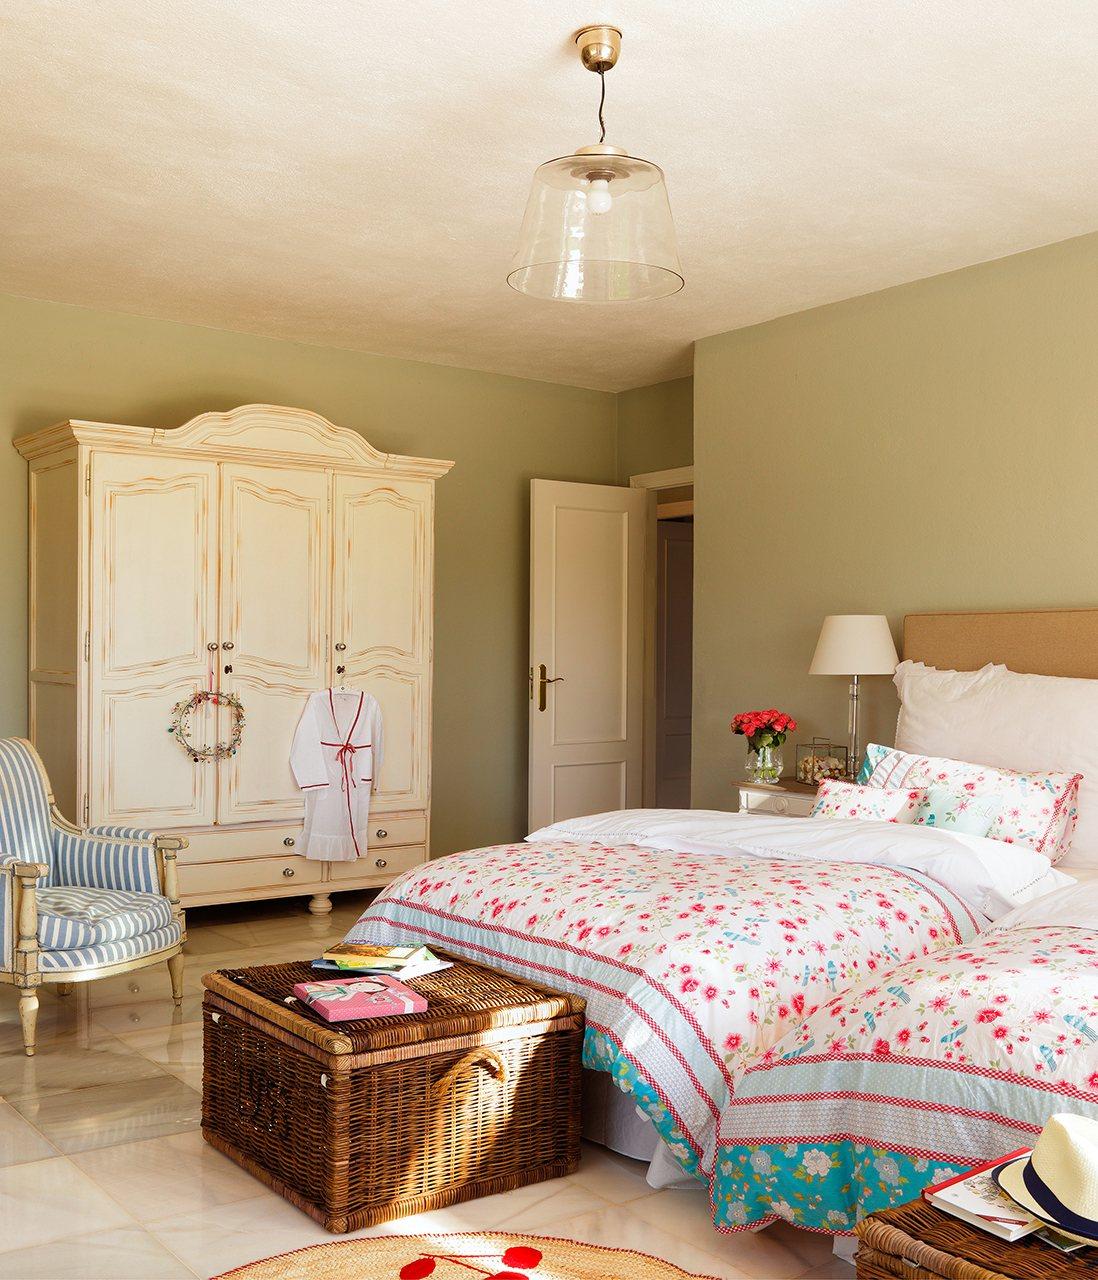 Tiendas De Muebles En Marbella Perfect Tiendas De Muebles En  # Muebles Oyarbide